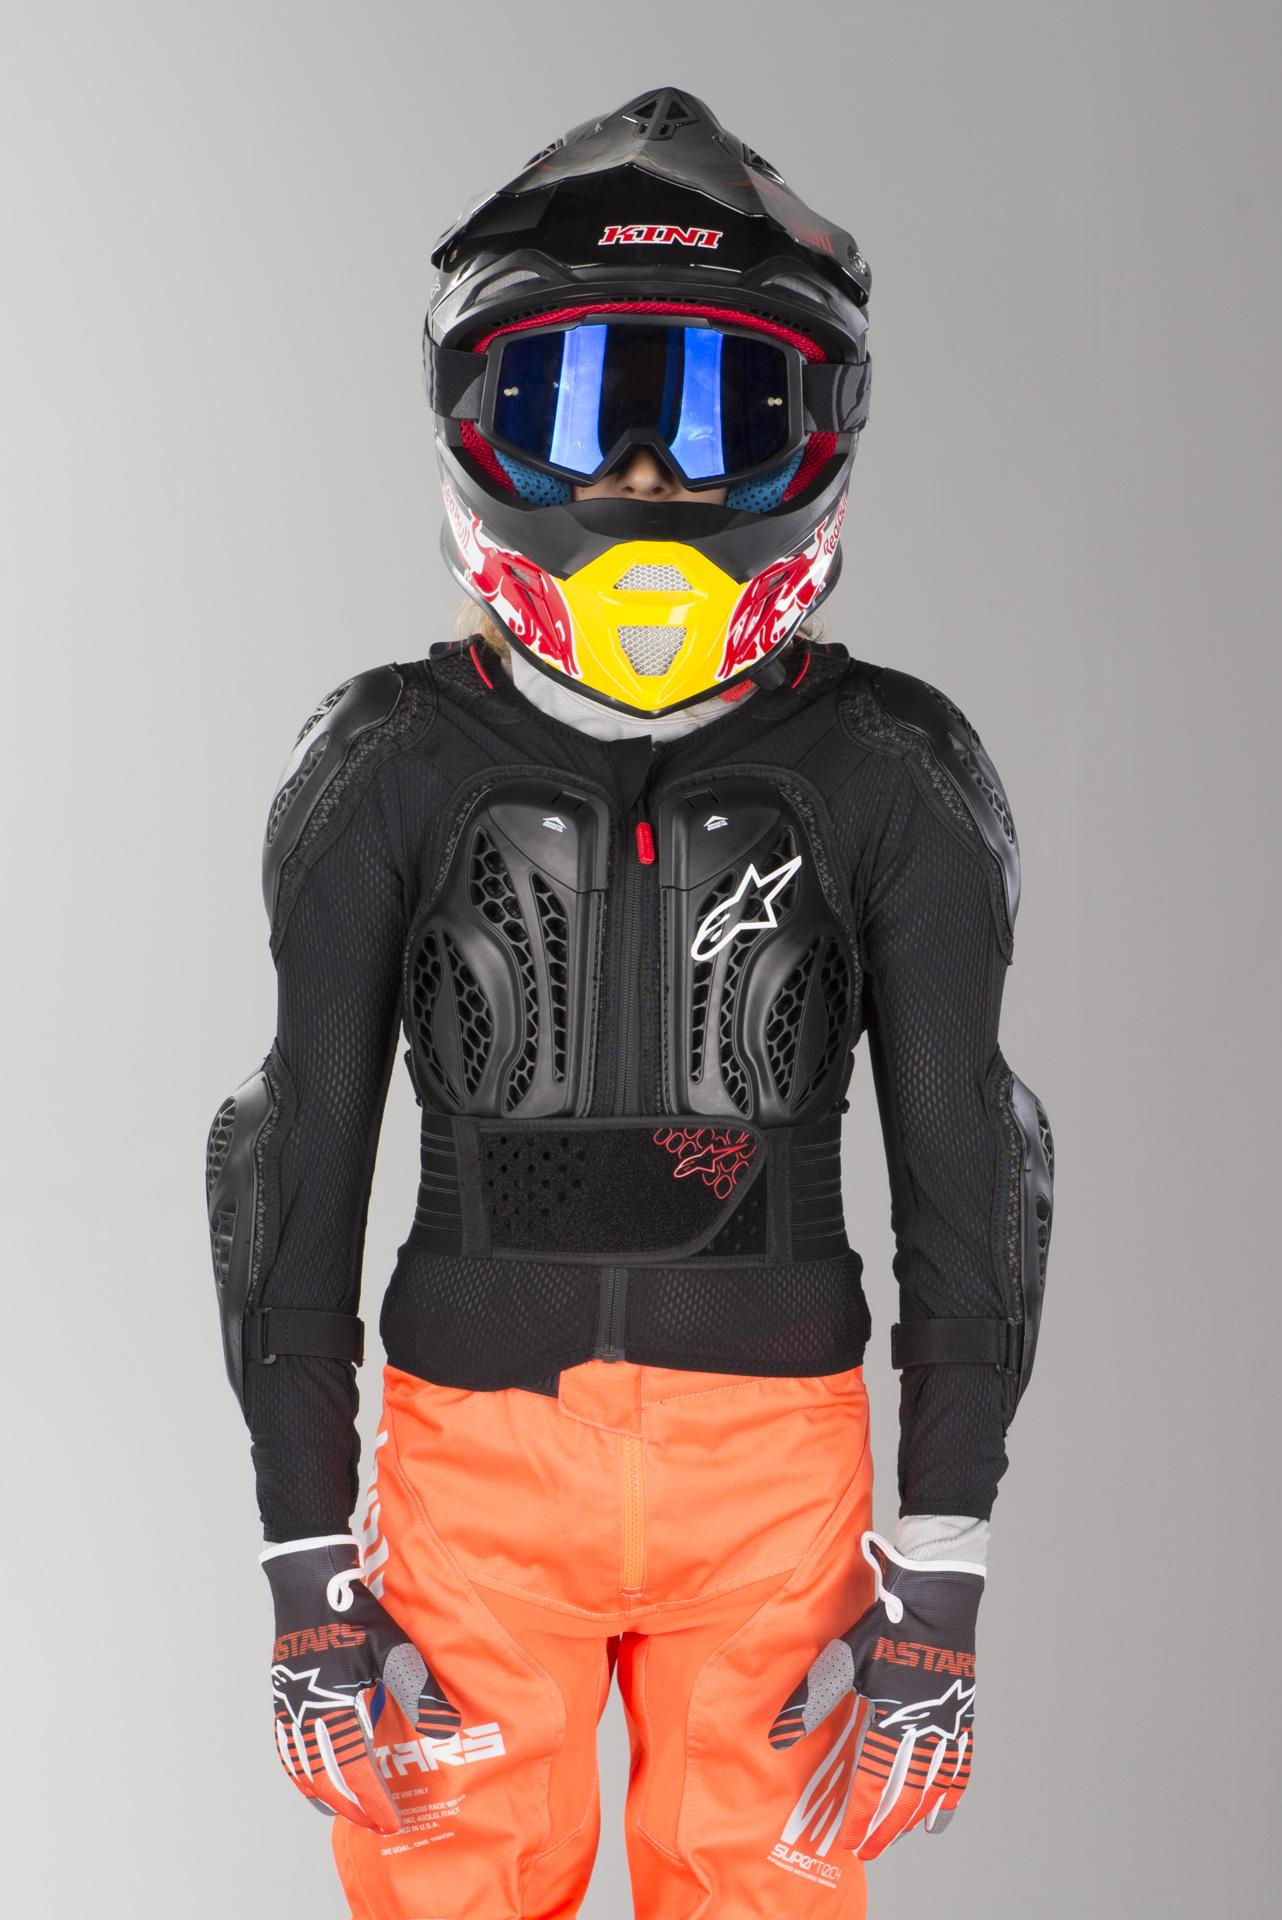 Alpinestars Chaqueta con protecciones Bionic Action Jacket